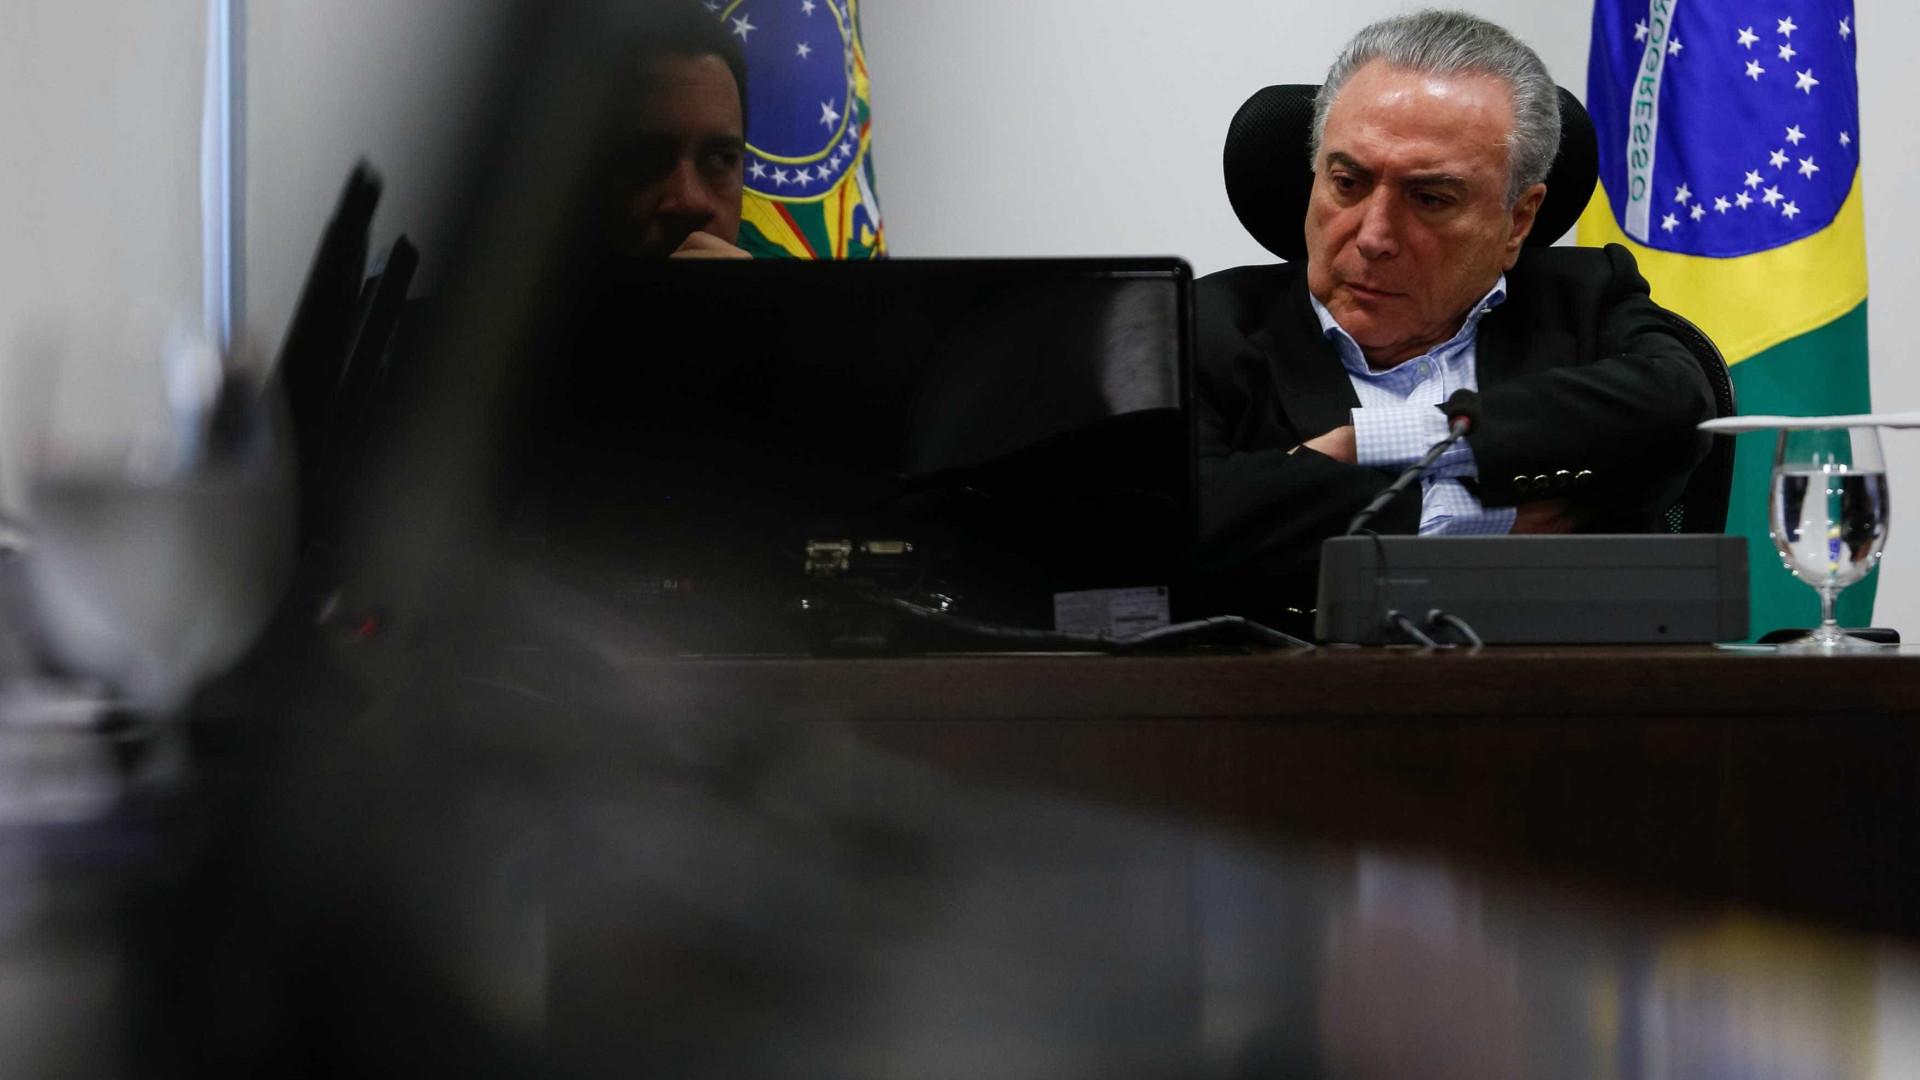 STF solicita registros de visitas de amigos de Temer ao Planalto